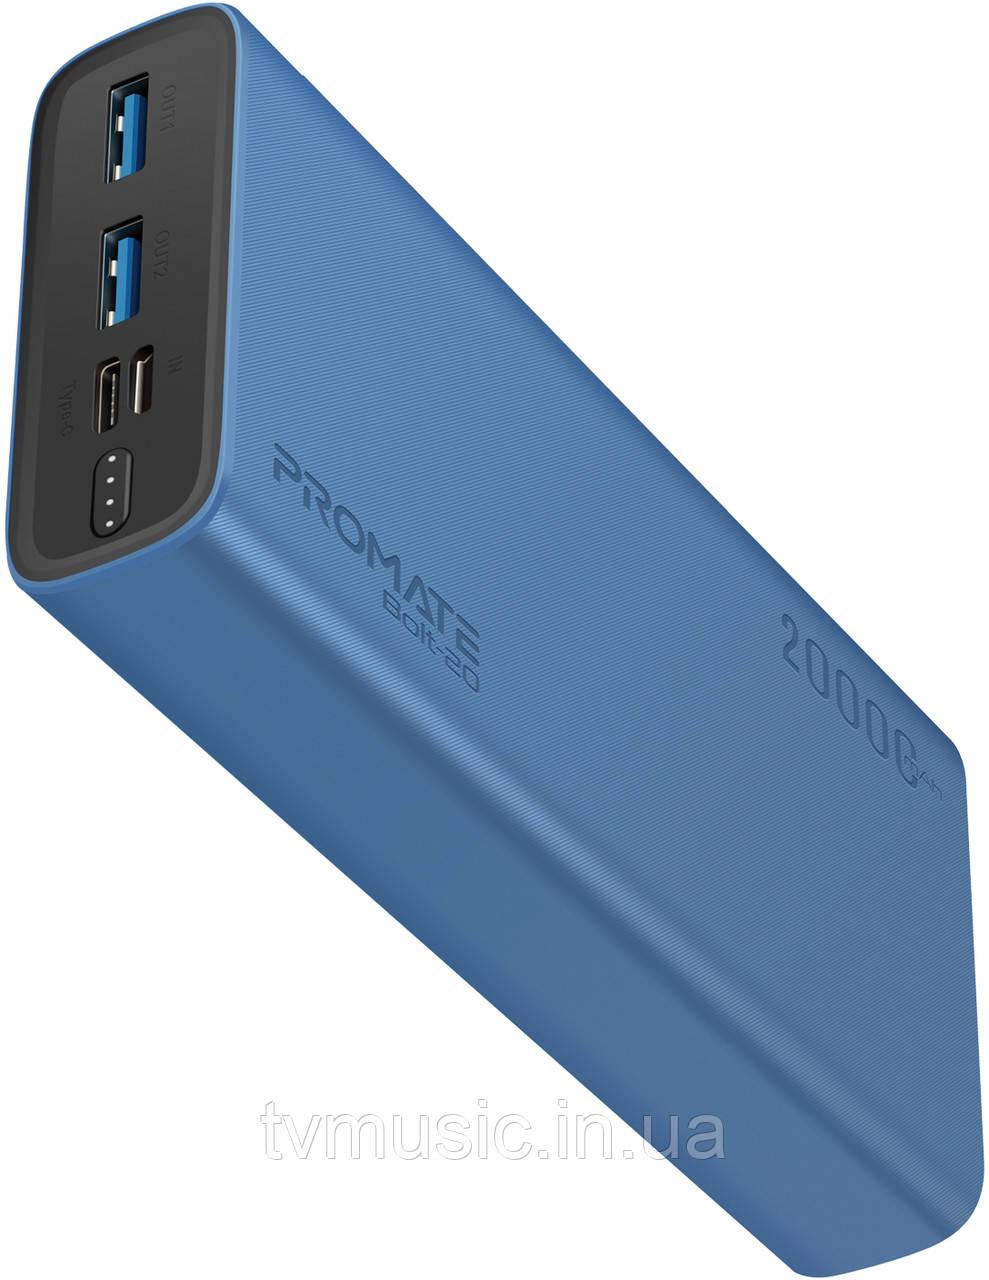 Повербанк Promate Bolt-20 20000 mAh Blue